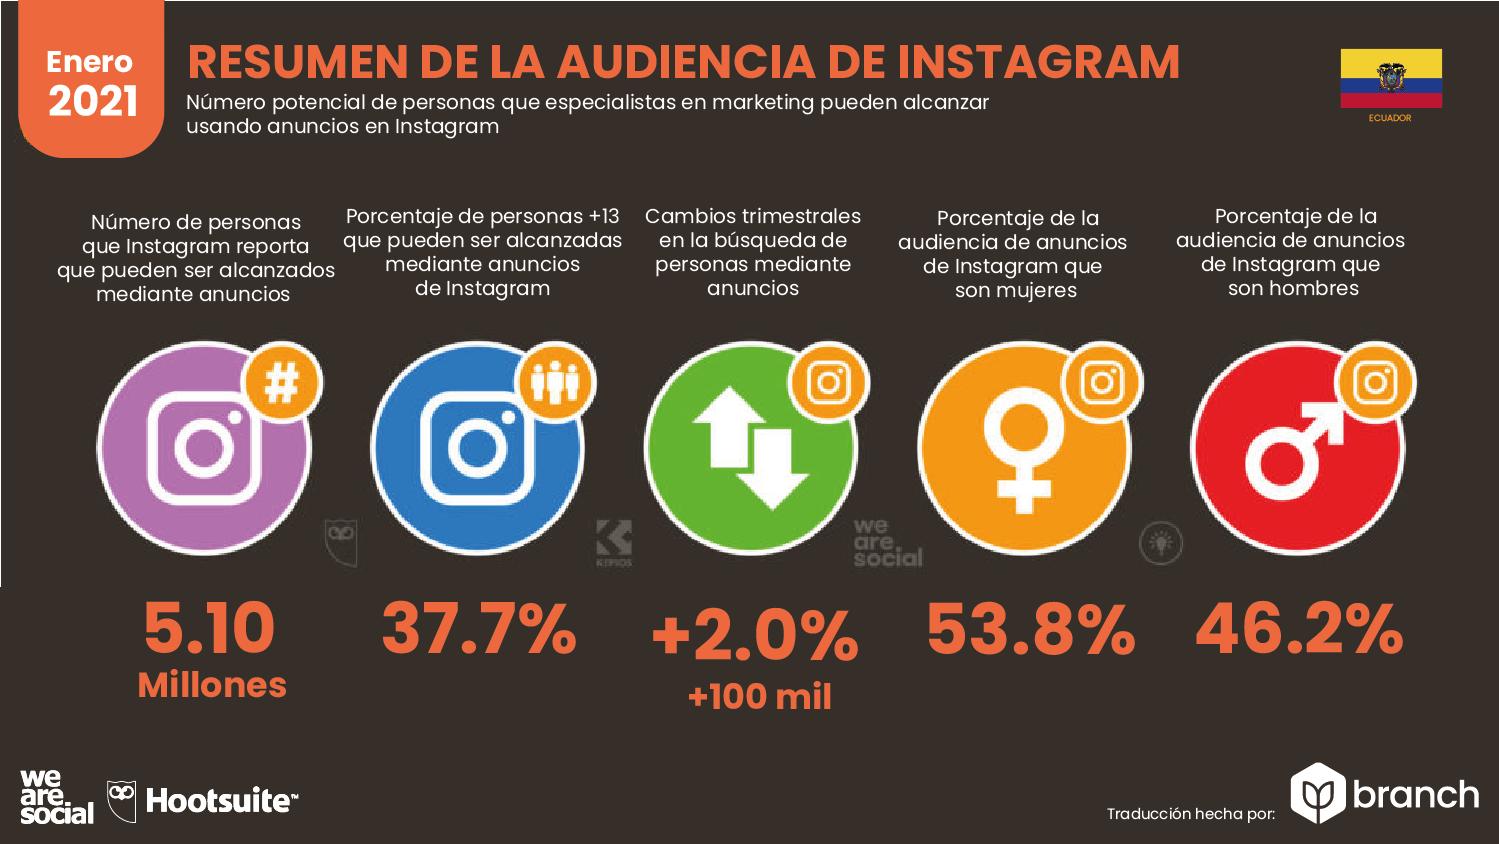 audiencia-de-instagram-en-ecuador-2020-2021